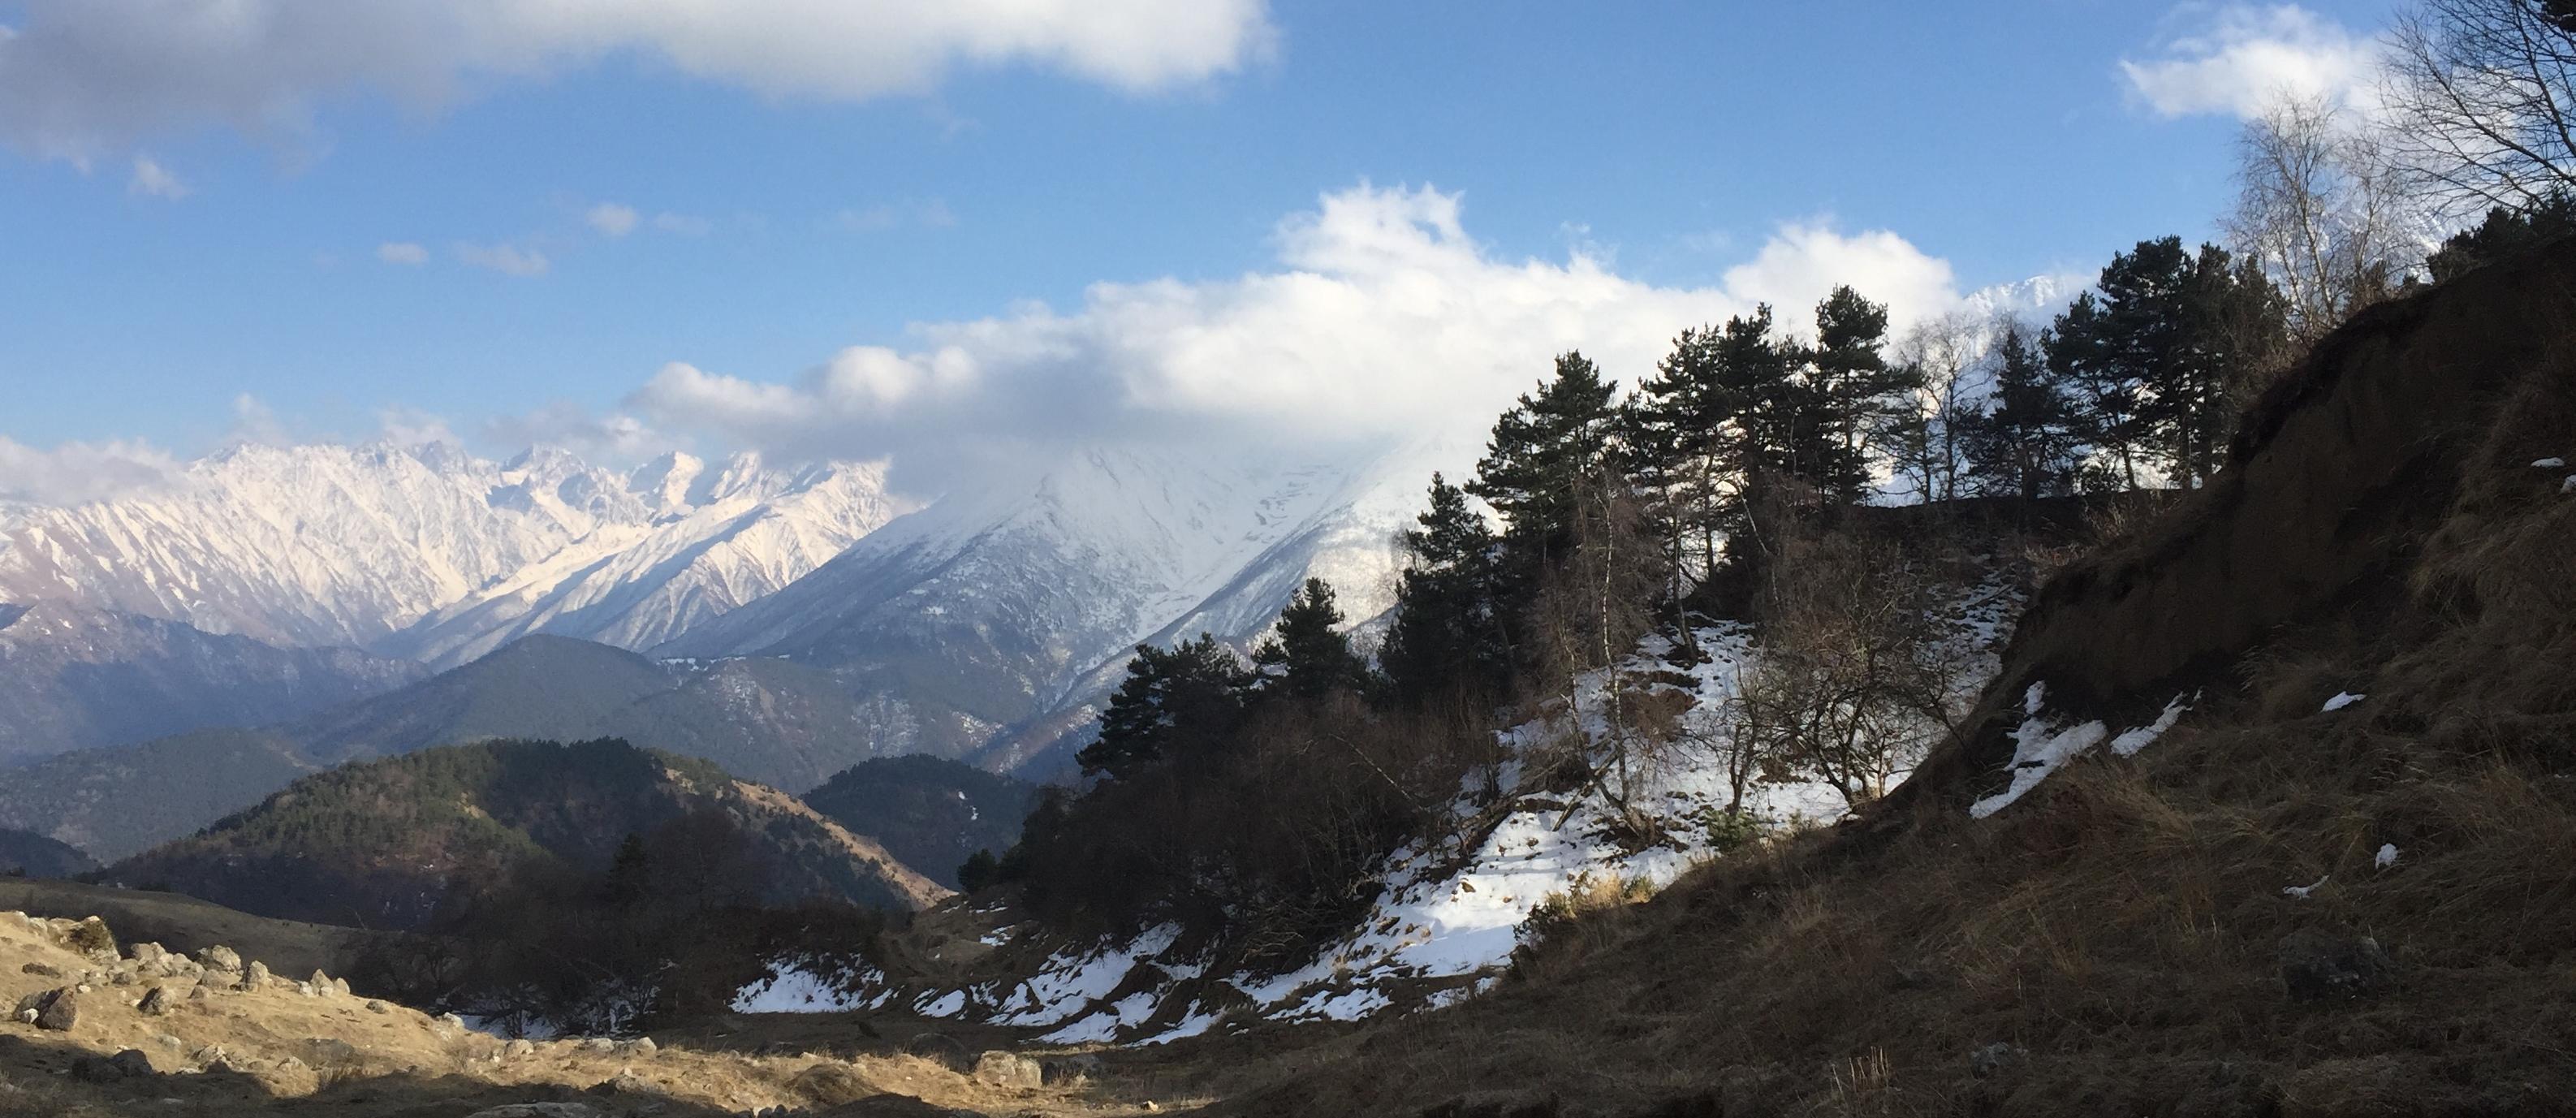 Ingushetia, photograph by Daria Kulesh